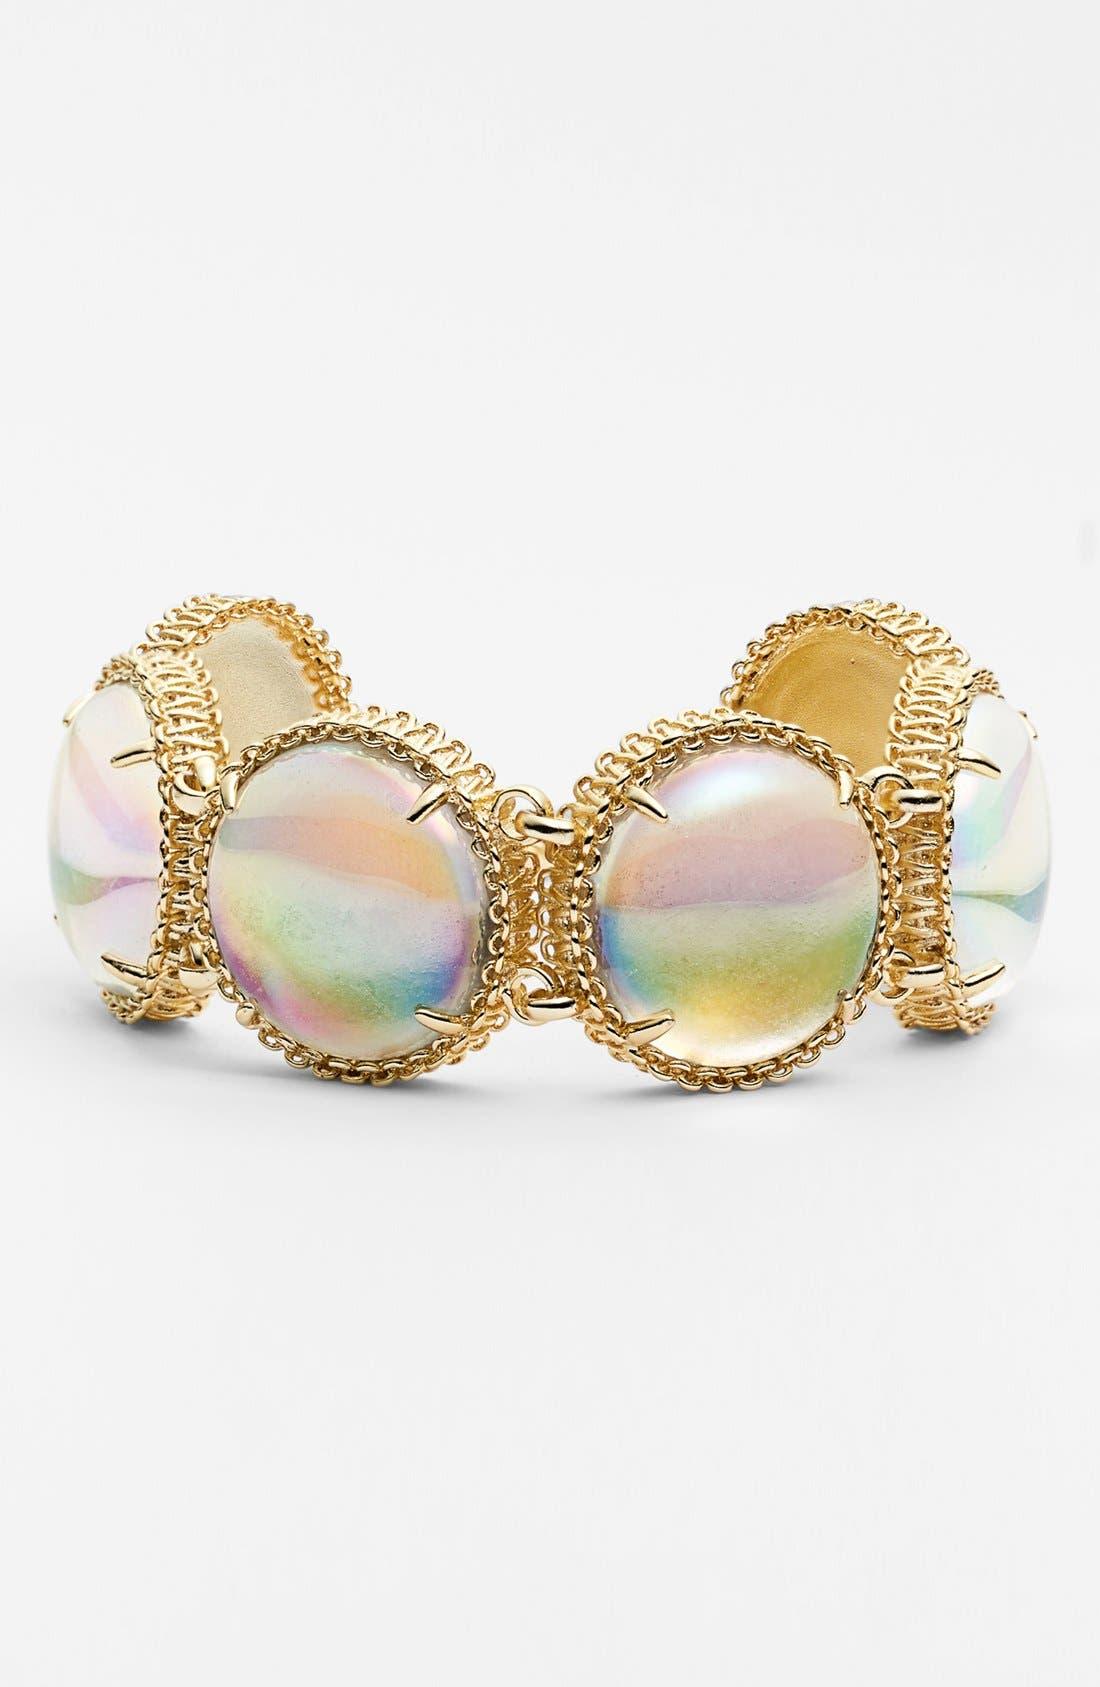 Main Image - Kendra Scott 'Ailee' Bracelet